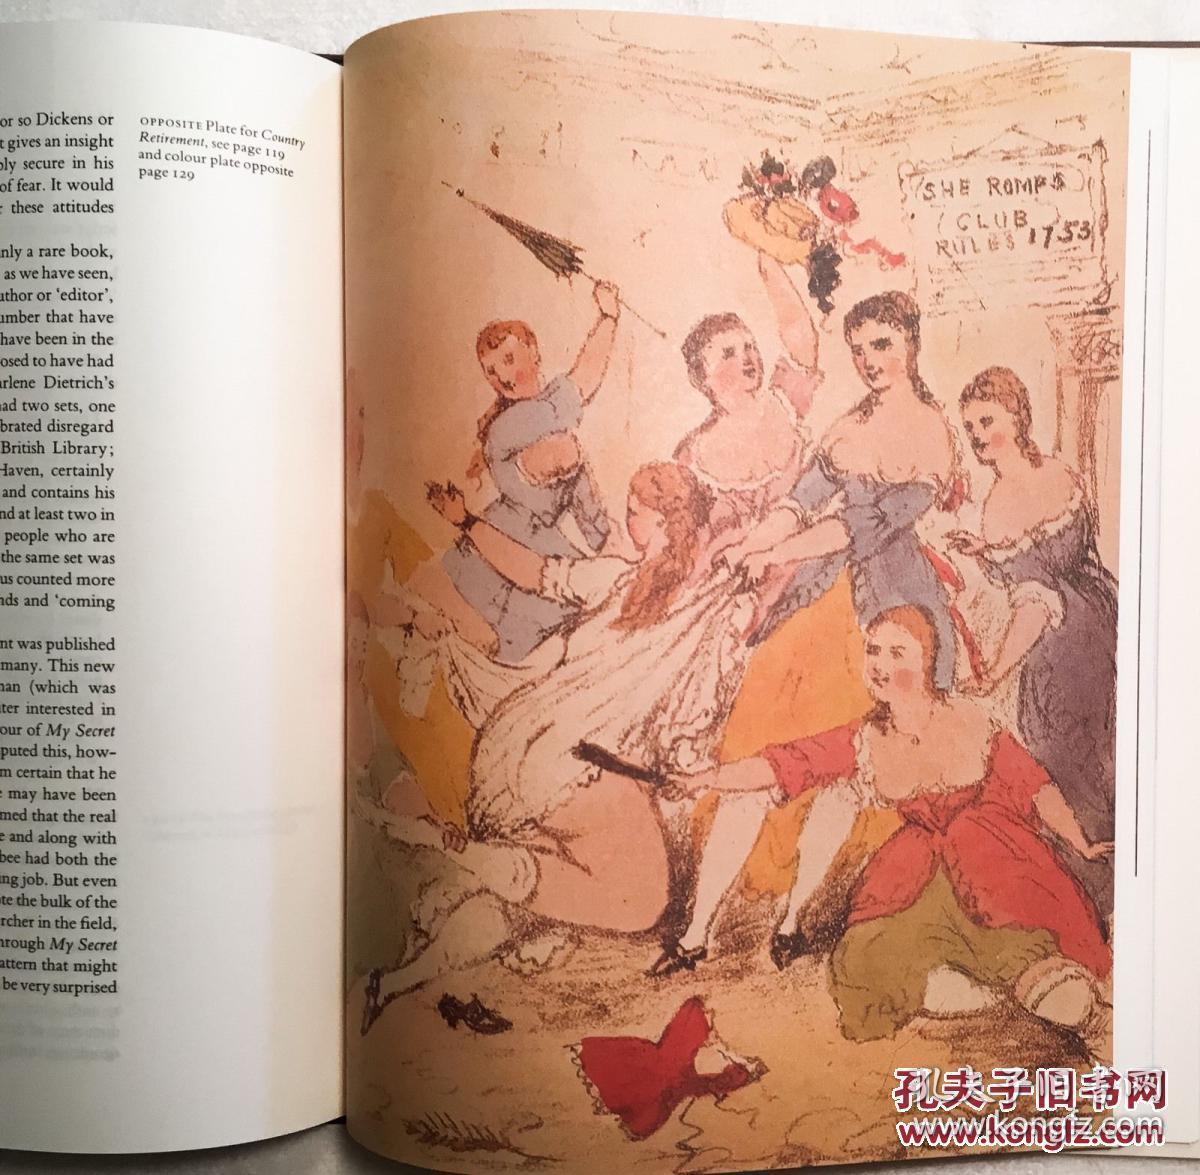 校园情色干师妹_稀少《情色文学史》彩色与黑白插图,1982年纽约出版,精装16开